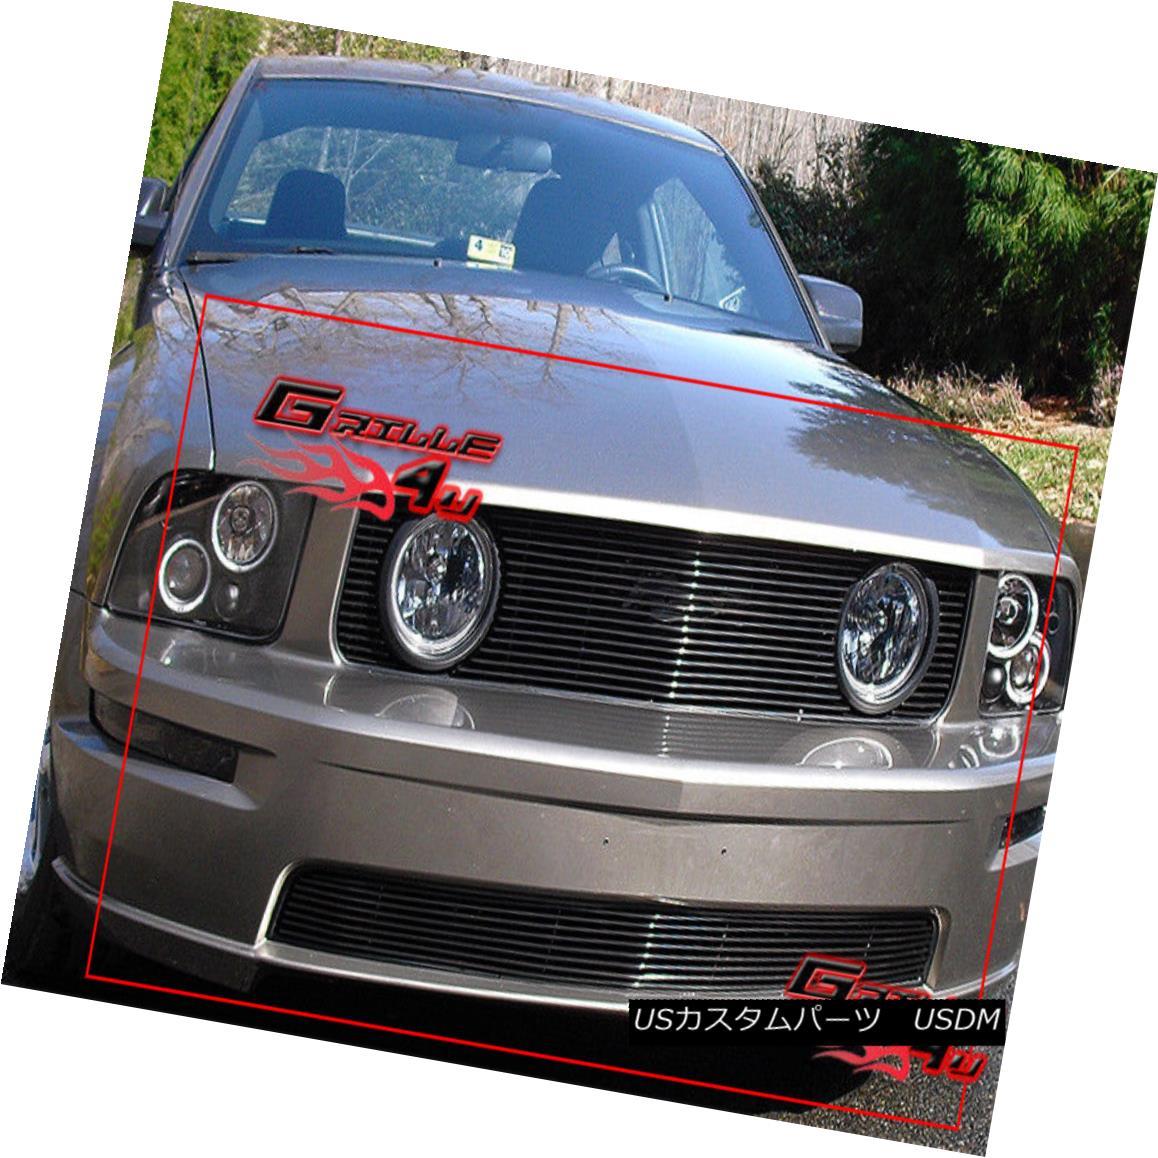 グリル Fits 2005-2009 Ford Mustang GT V8 Black Billet Grille Combo フィット2005-2009フォードマスタングGT V8ブラックビレットグリルコンボ